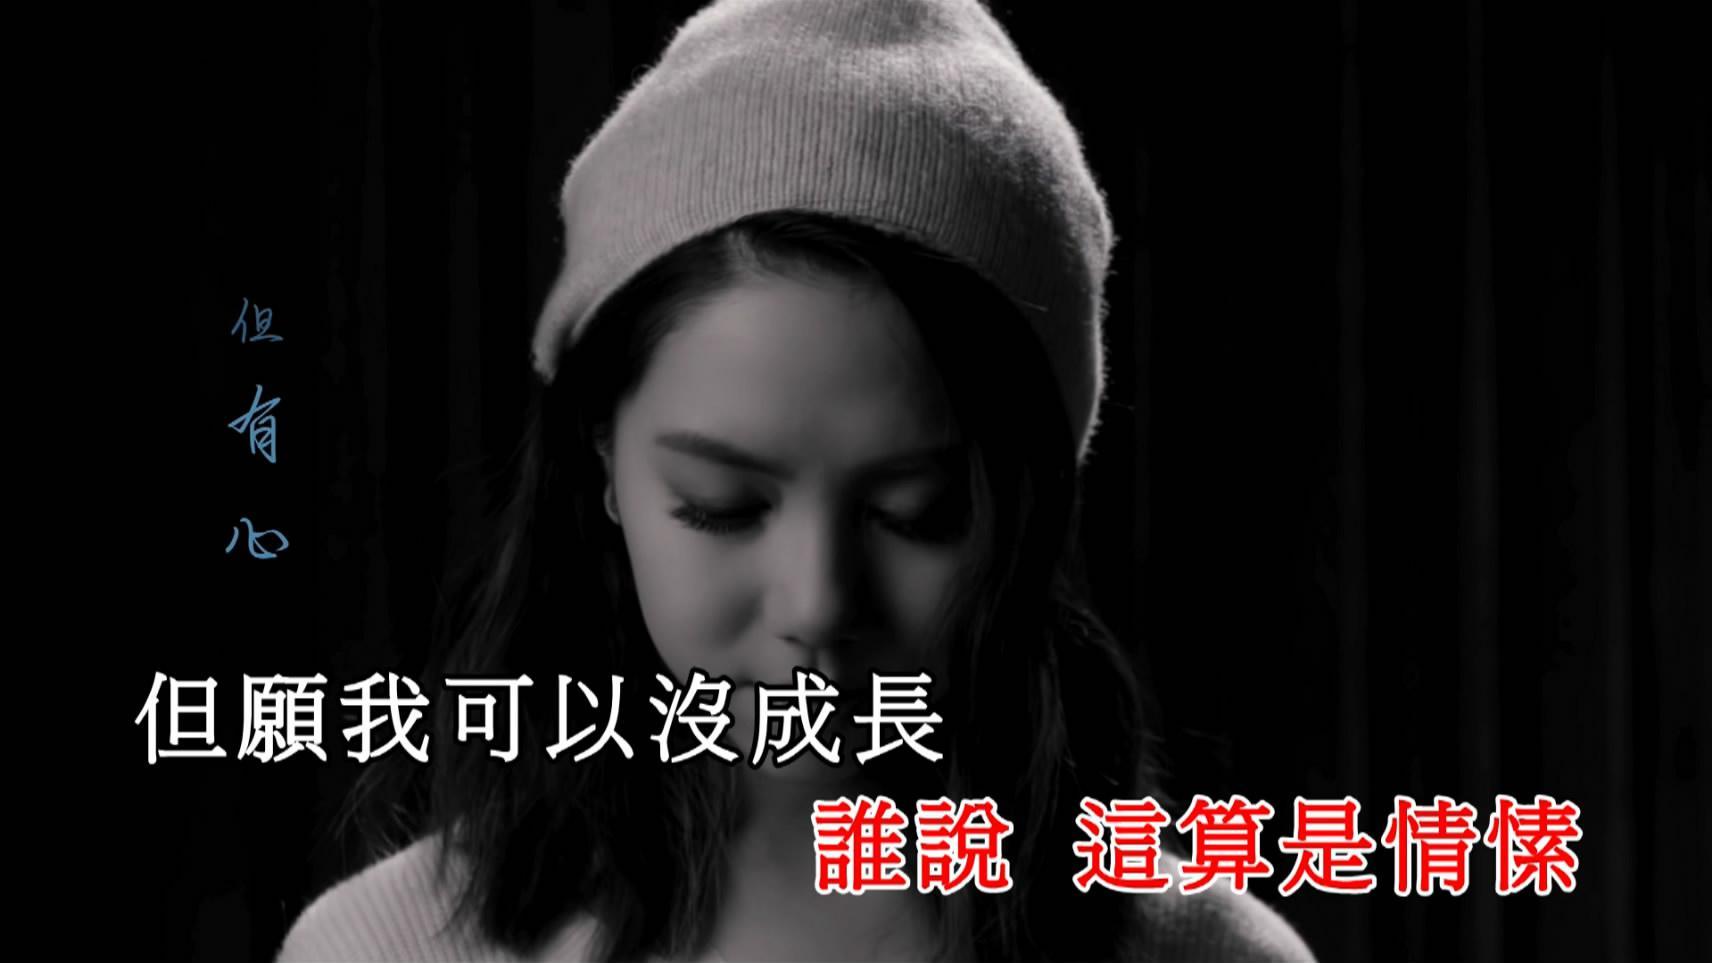 有心人 (wingx remix)